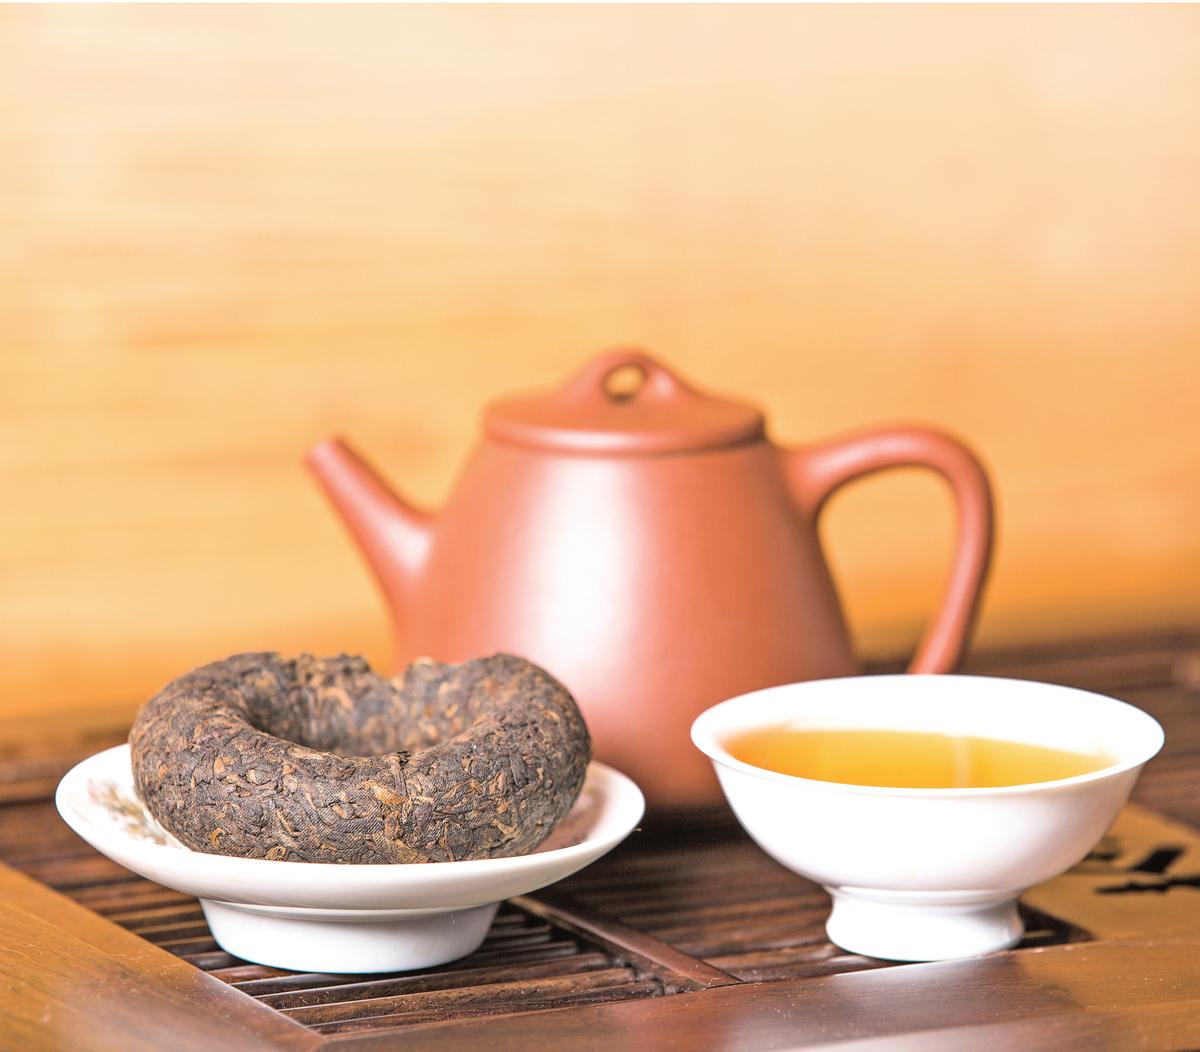 沖泡普洱茶時應用煮開的滾水才能殺菌,只用熱水沖泡是不夠的。